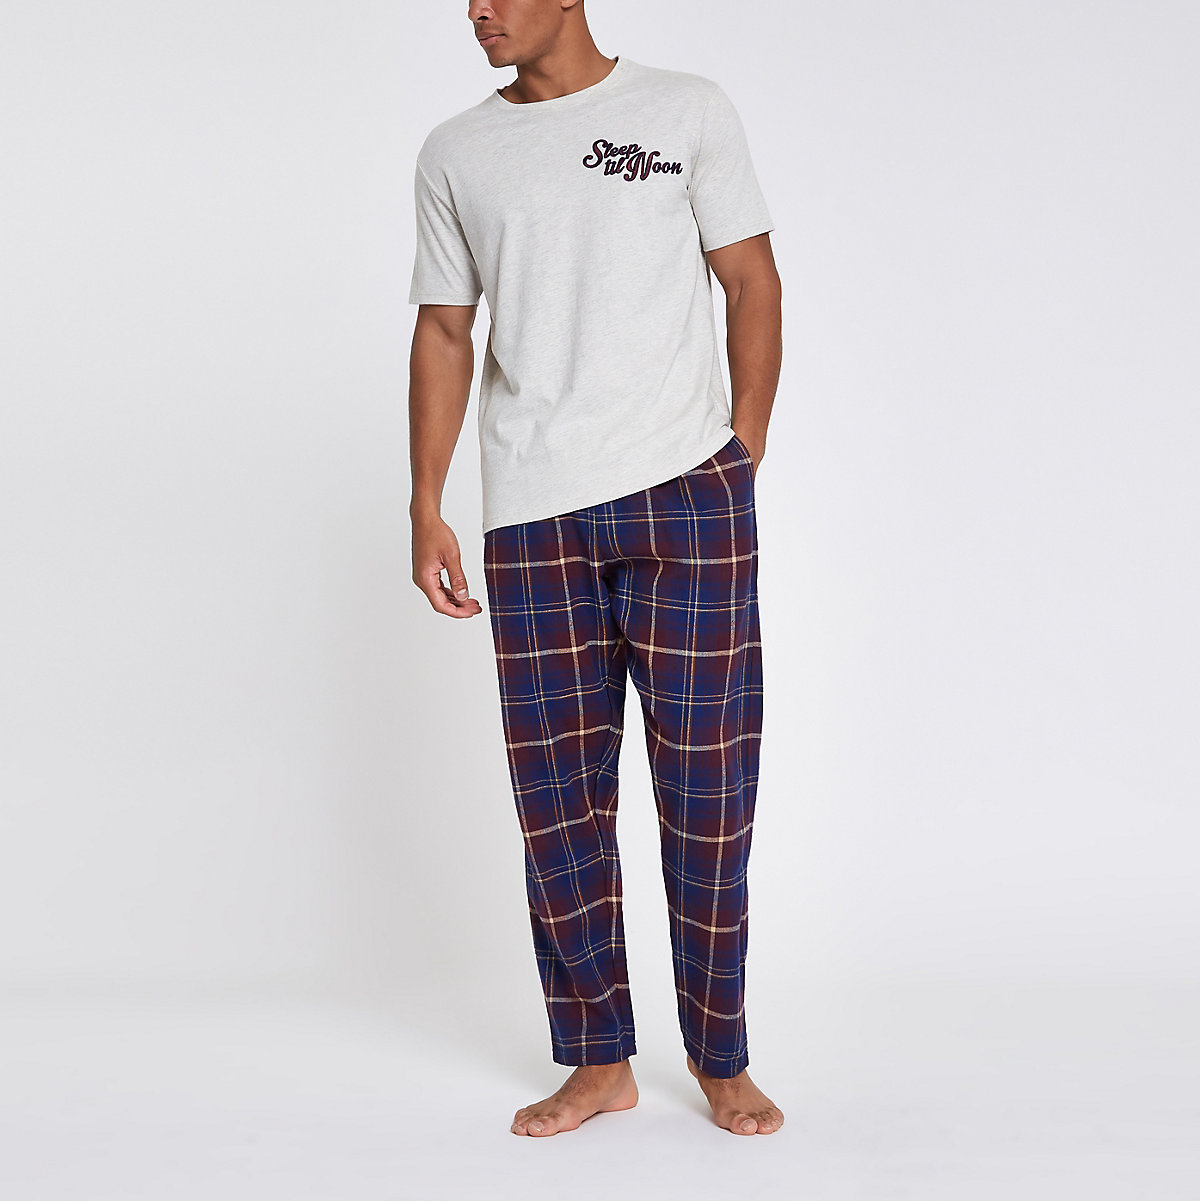 Grey 'sleep til noon' plaid check pajama set